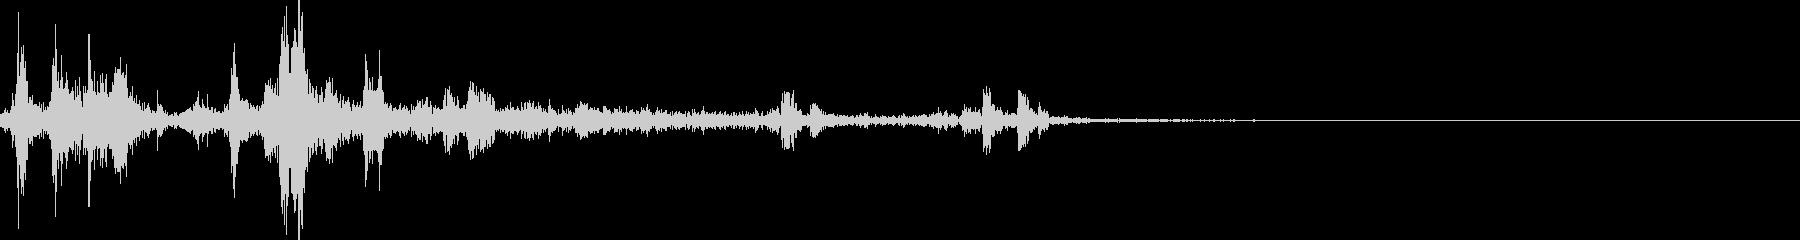 カメラのシャッター音(ウィンウィン)の未再生の波形